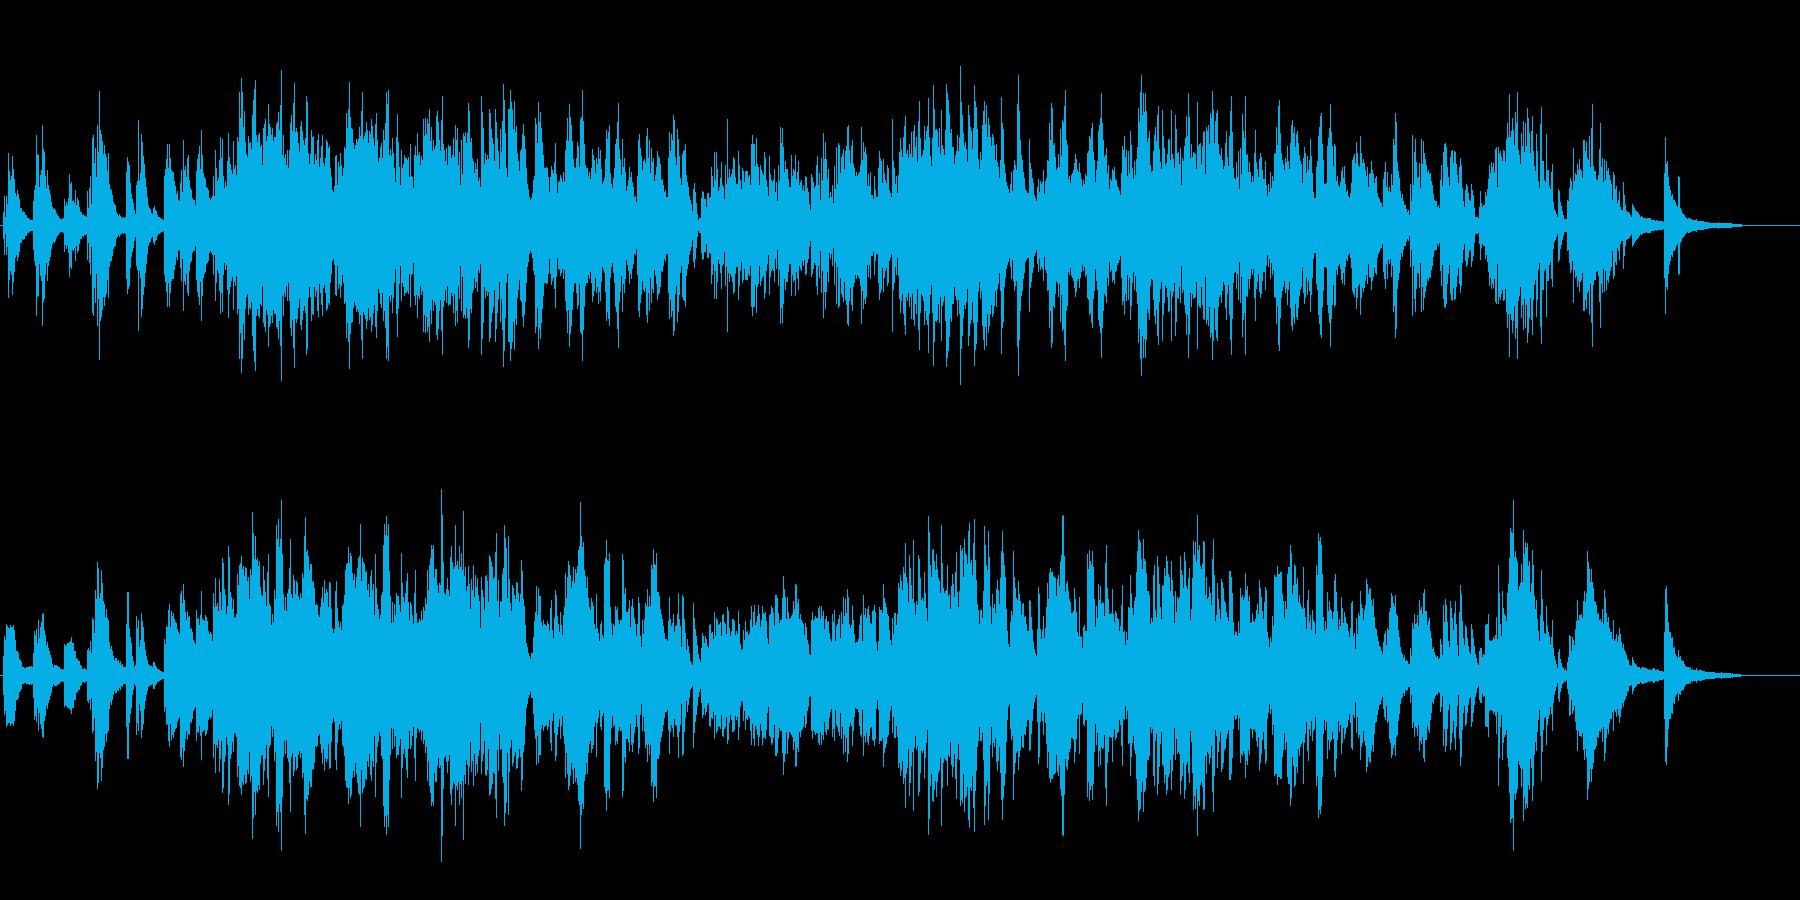 生ピアノで奏でる美しい日本の歌:浜辺の歌の再生済みの波形